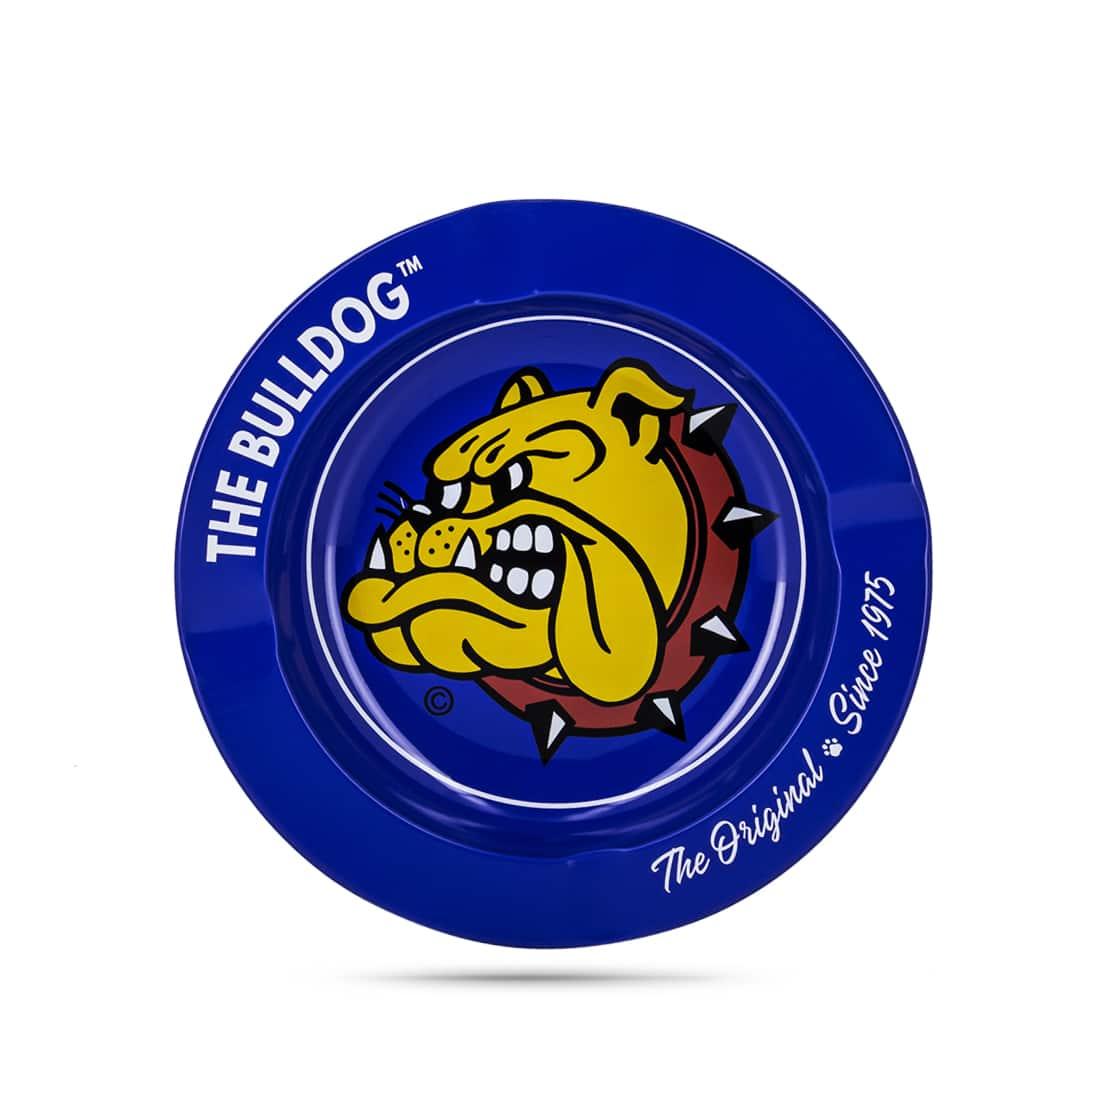 Photo de Cendrier The Bulldog Bleu